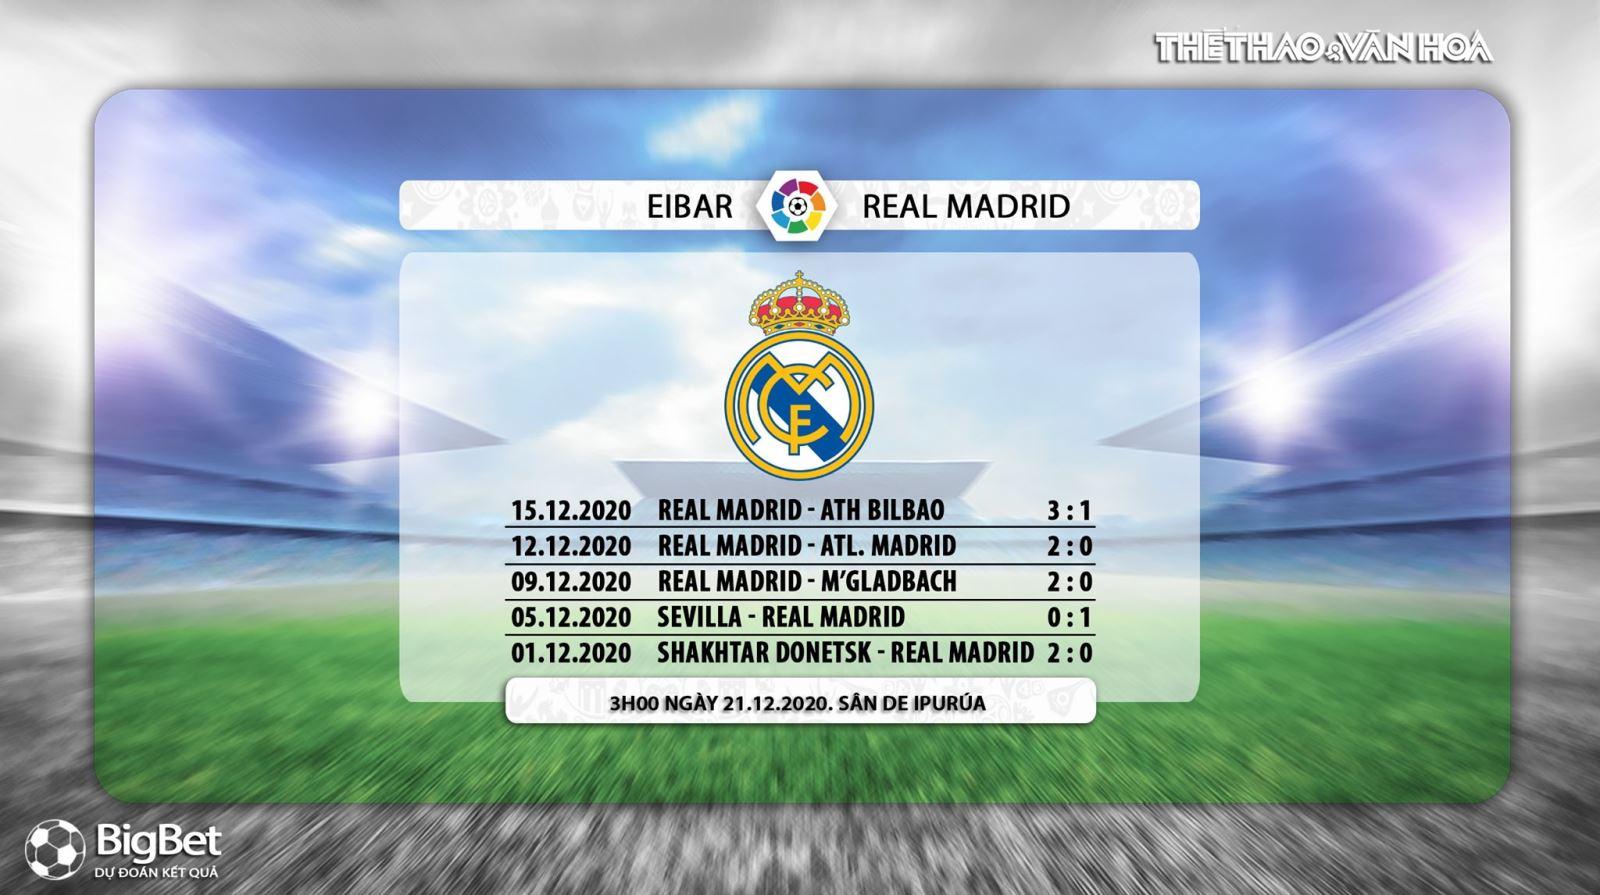 Keo nha cai, kèo nhà cái, Eibar vs Real Madrid, Trực tiếp bóng đá Tây Ban Nha, trực tiếp vòng 14 La Liga, trực tiếp Real Madrid đấu với Eibar, BĐTV. Kèo Real Madrid